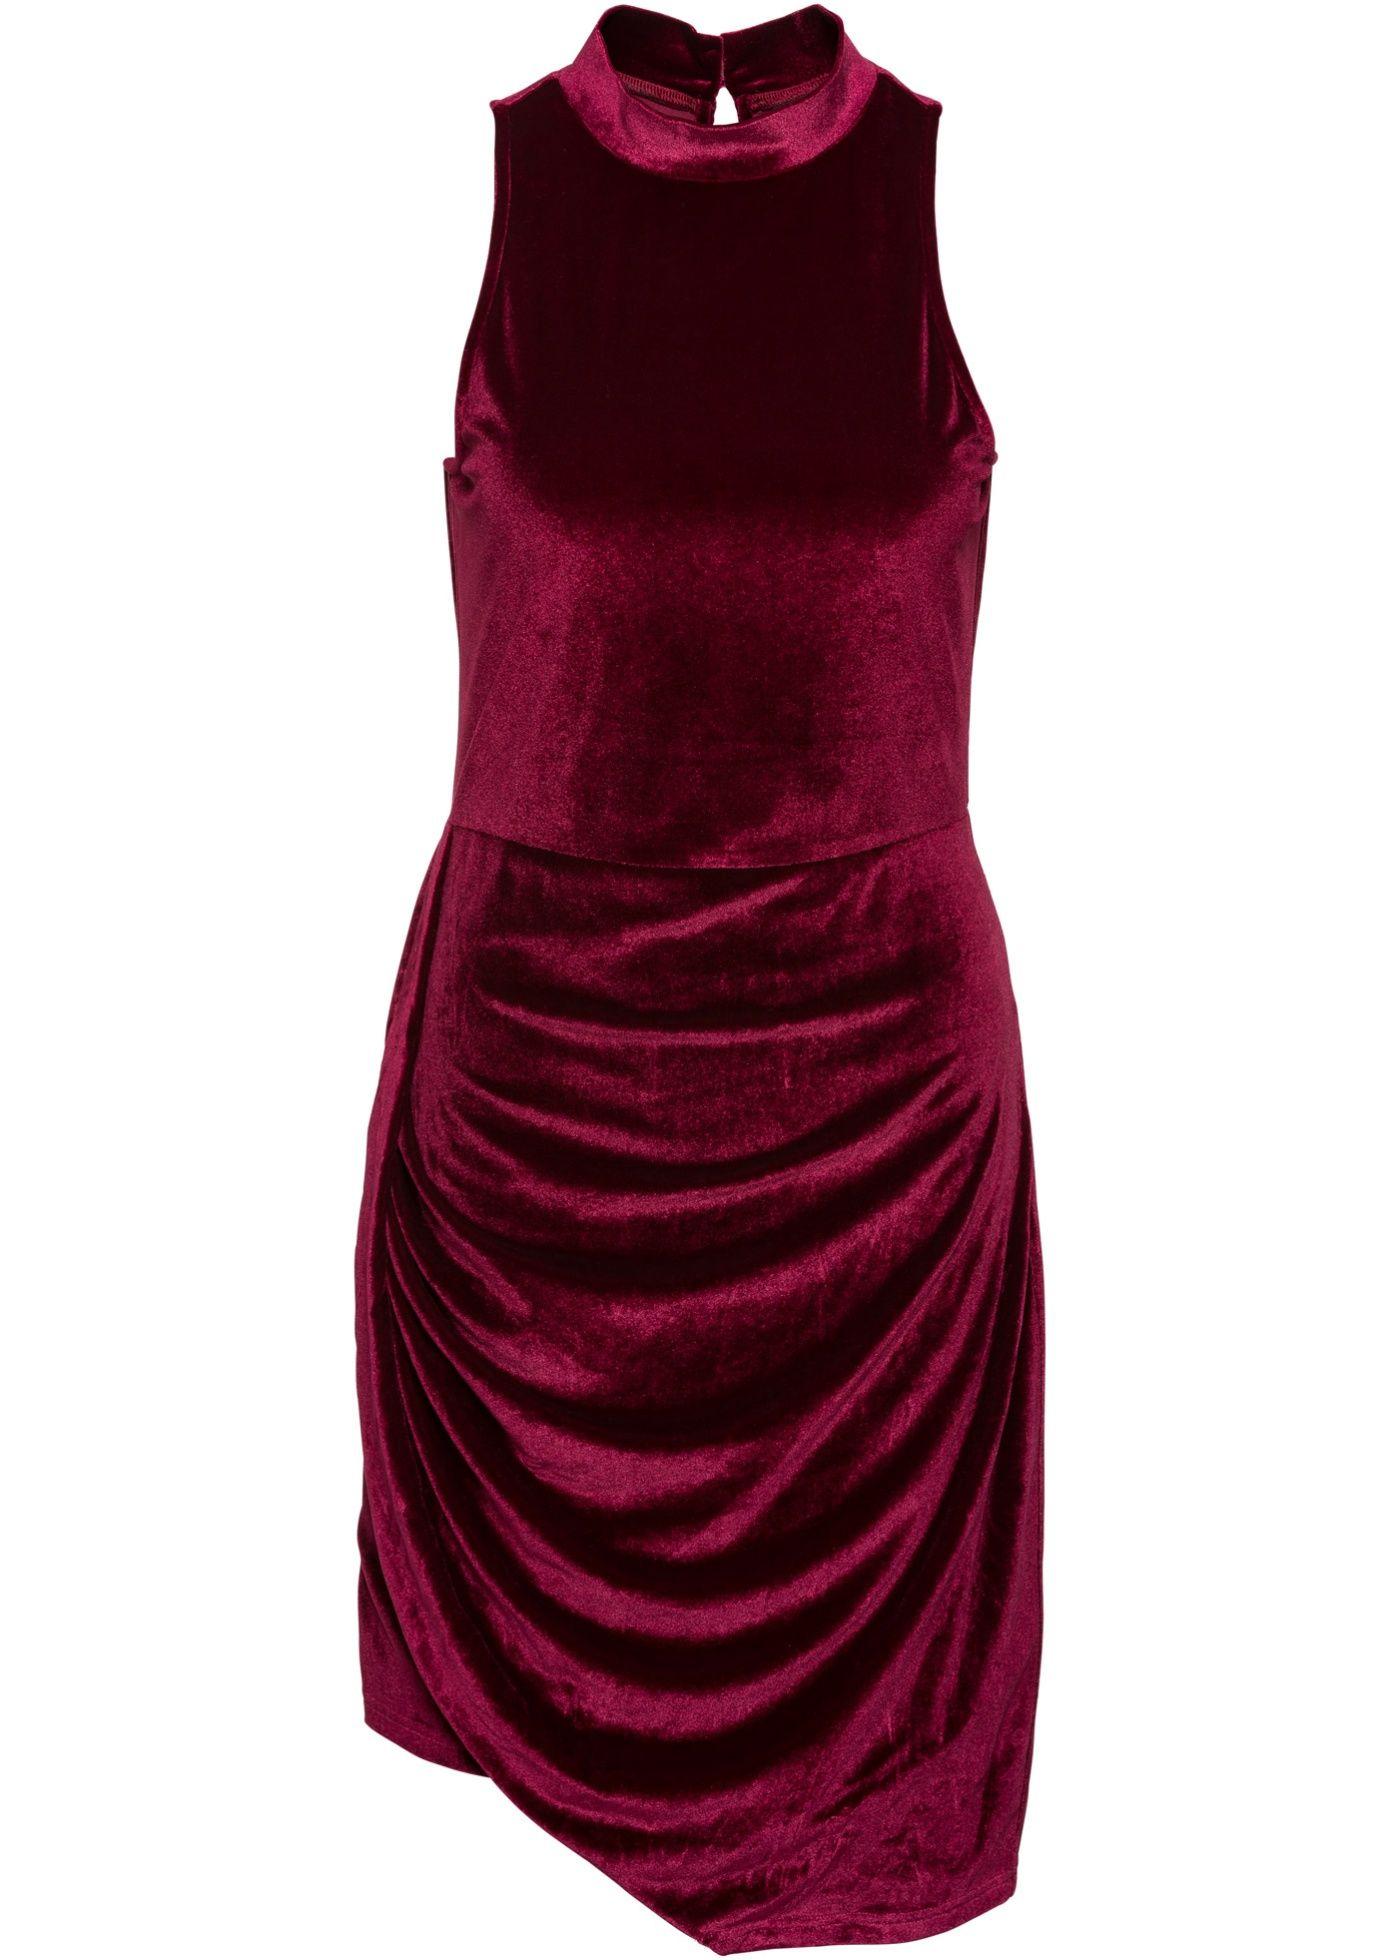 Asymmetrisches Samt-Kleid | Kleid bordeaux, Samt und Futter